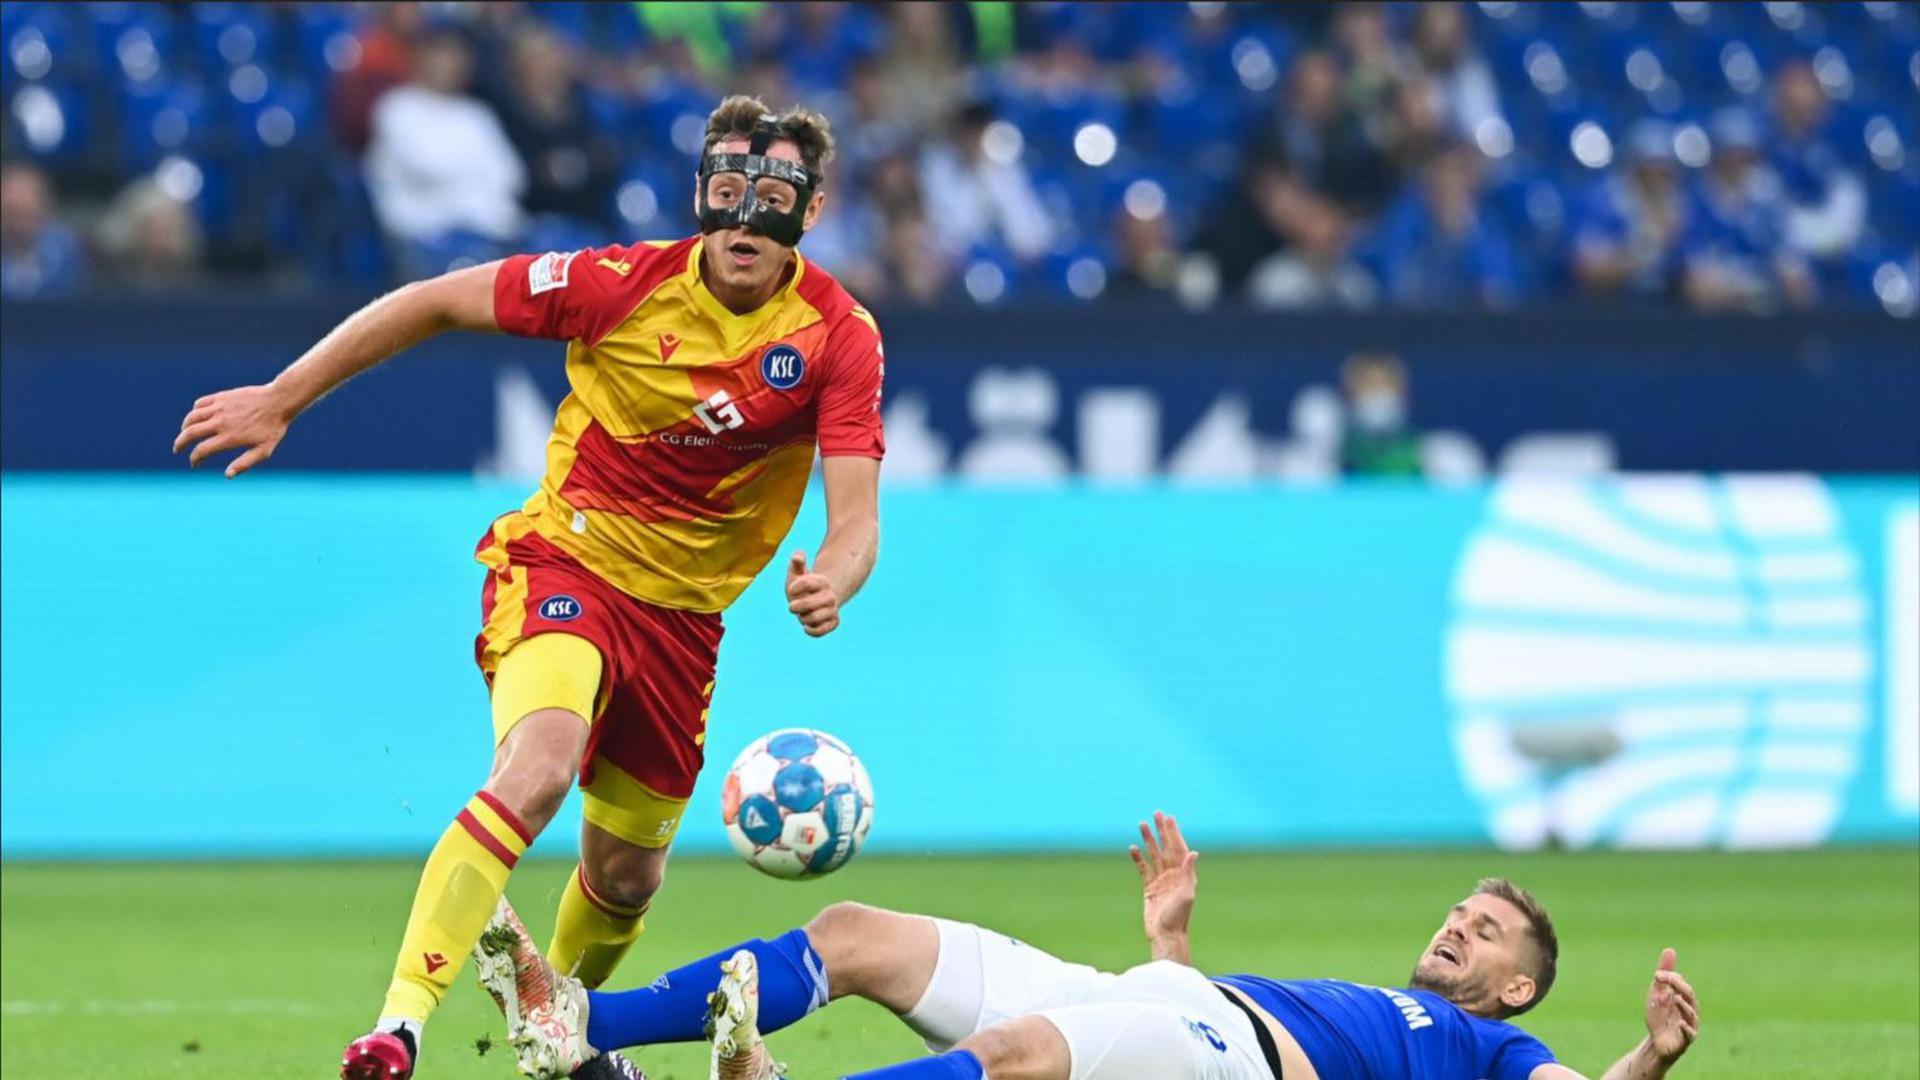 Robin Bormuth (links), hier im Duell mit dem Schalker Simon Terodde, soll gegen den FC St. Pauli die gegnerischen Offensivkräfte bearbeiten.